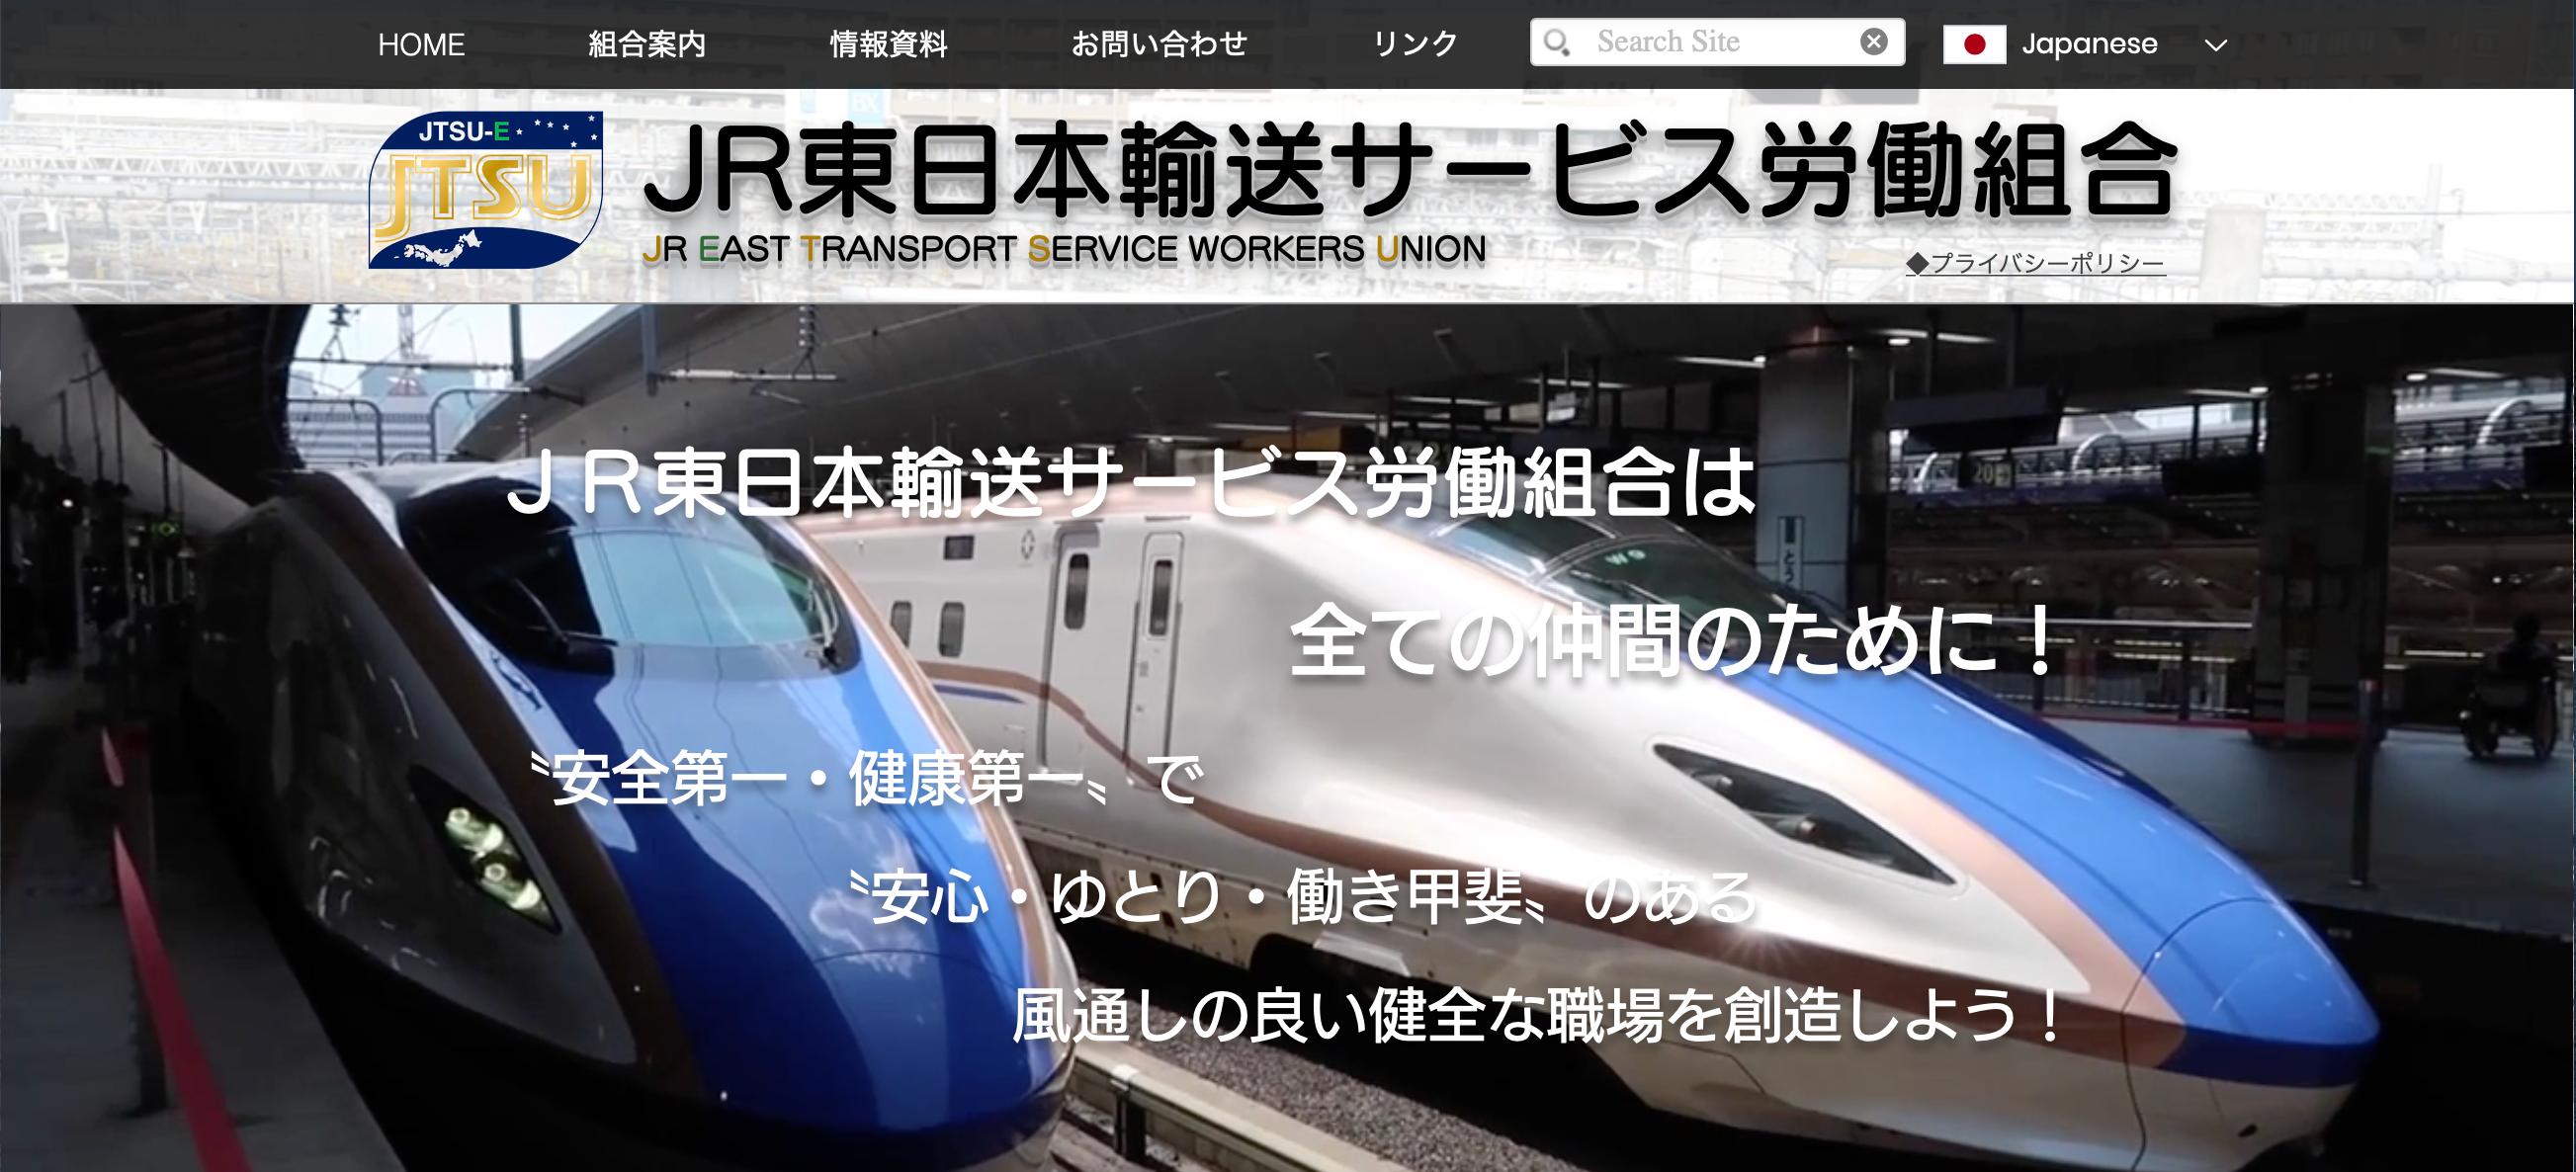 東 労組 2ch jr